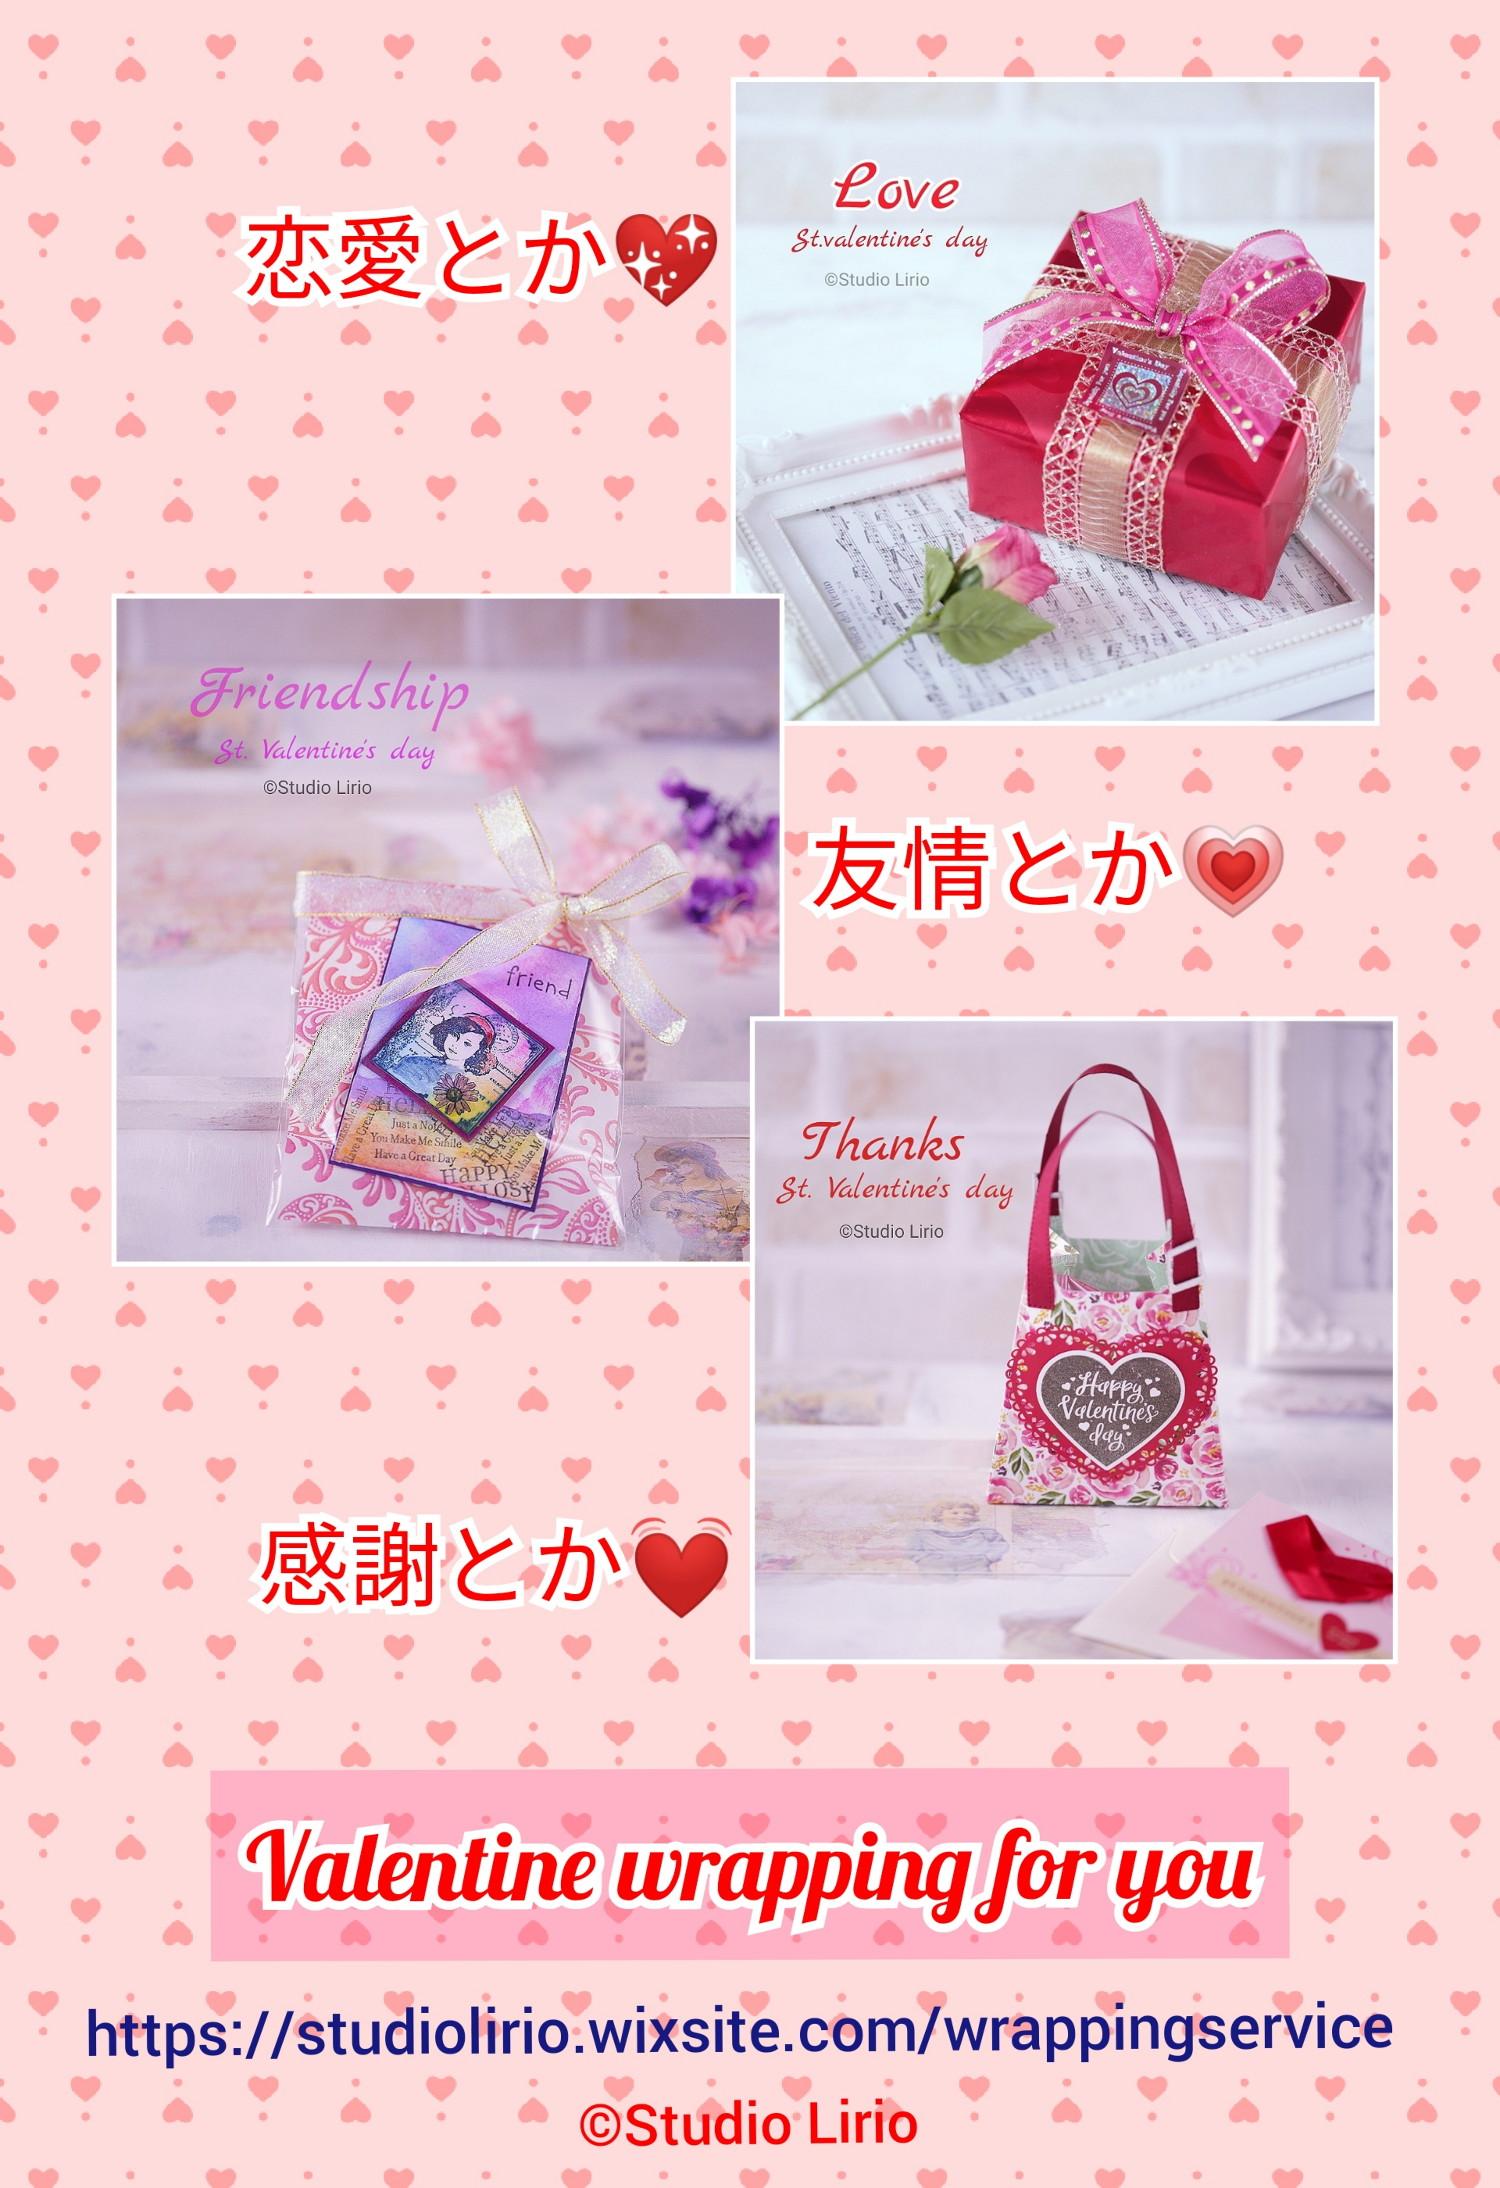 CollageMaker_20200213_211422039.jpg